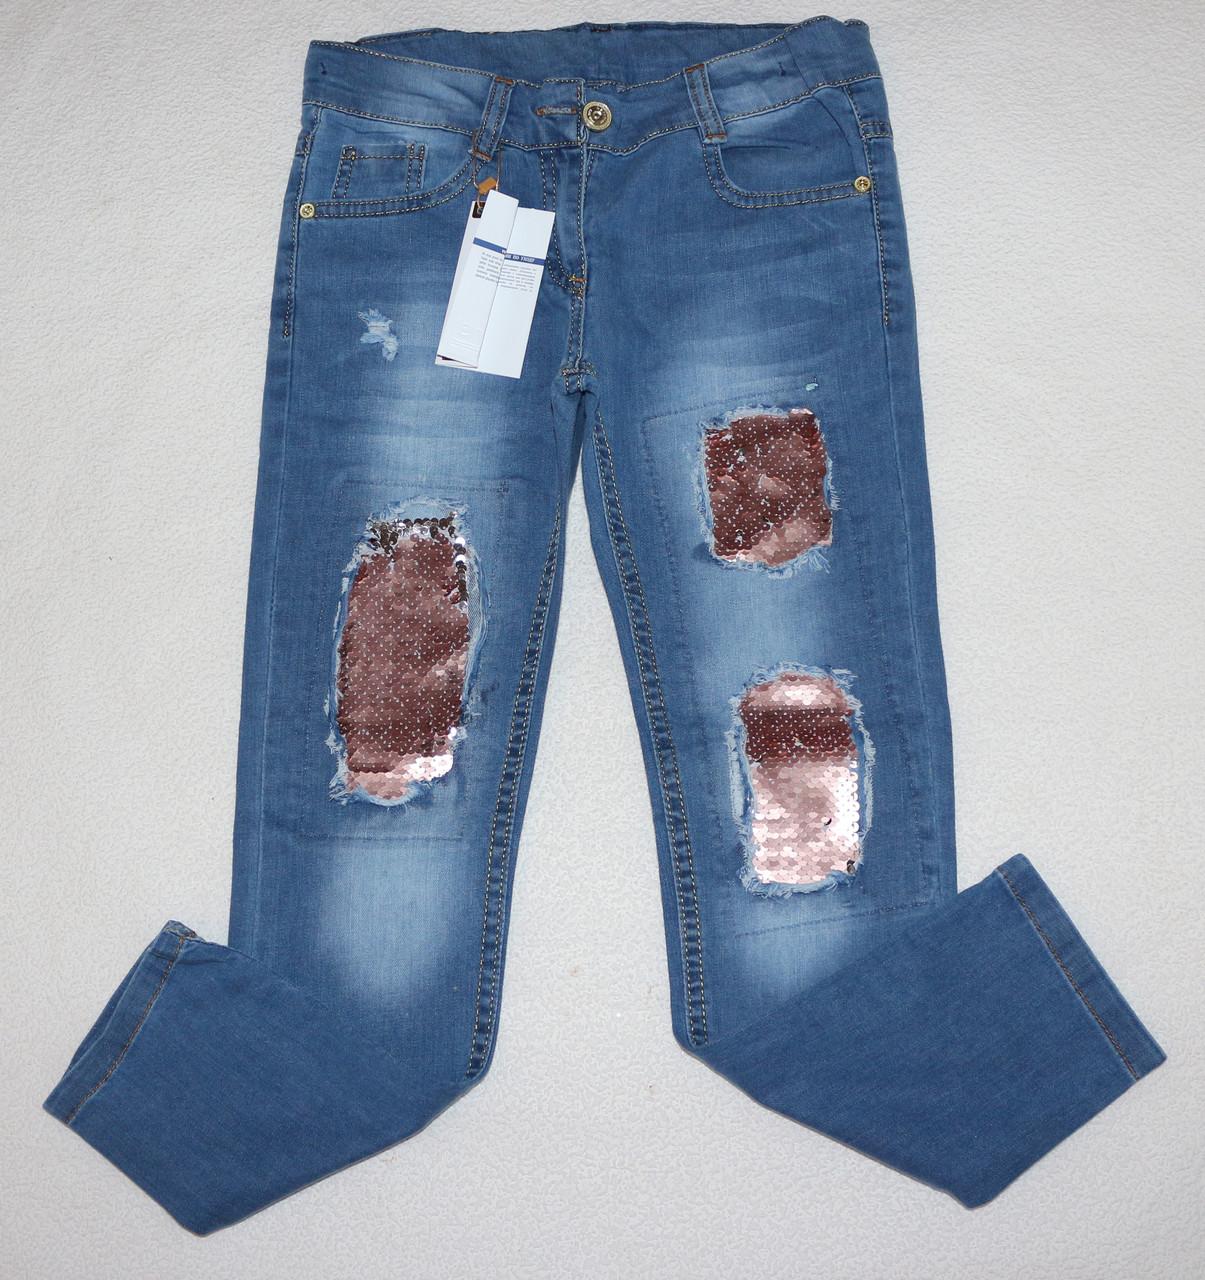 ad57c8a177918 Детские джинсы оптом Турция